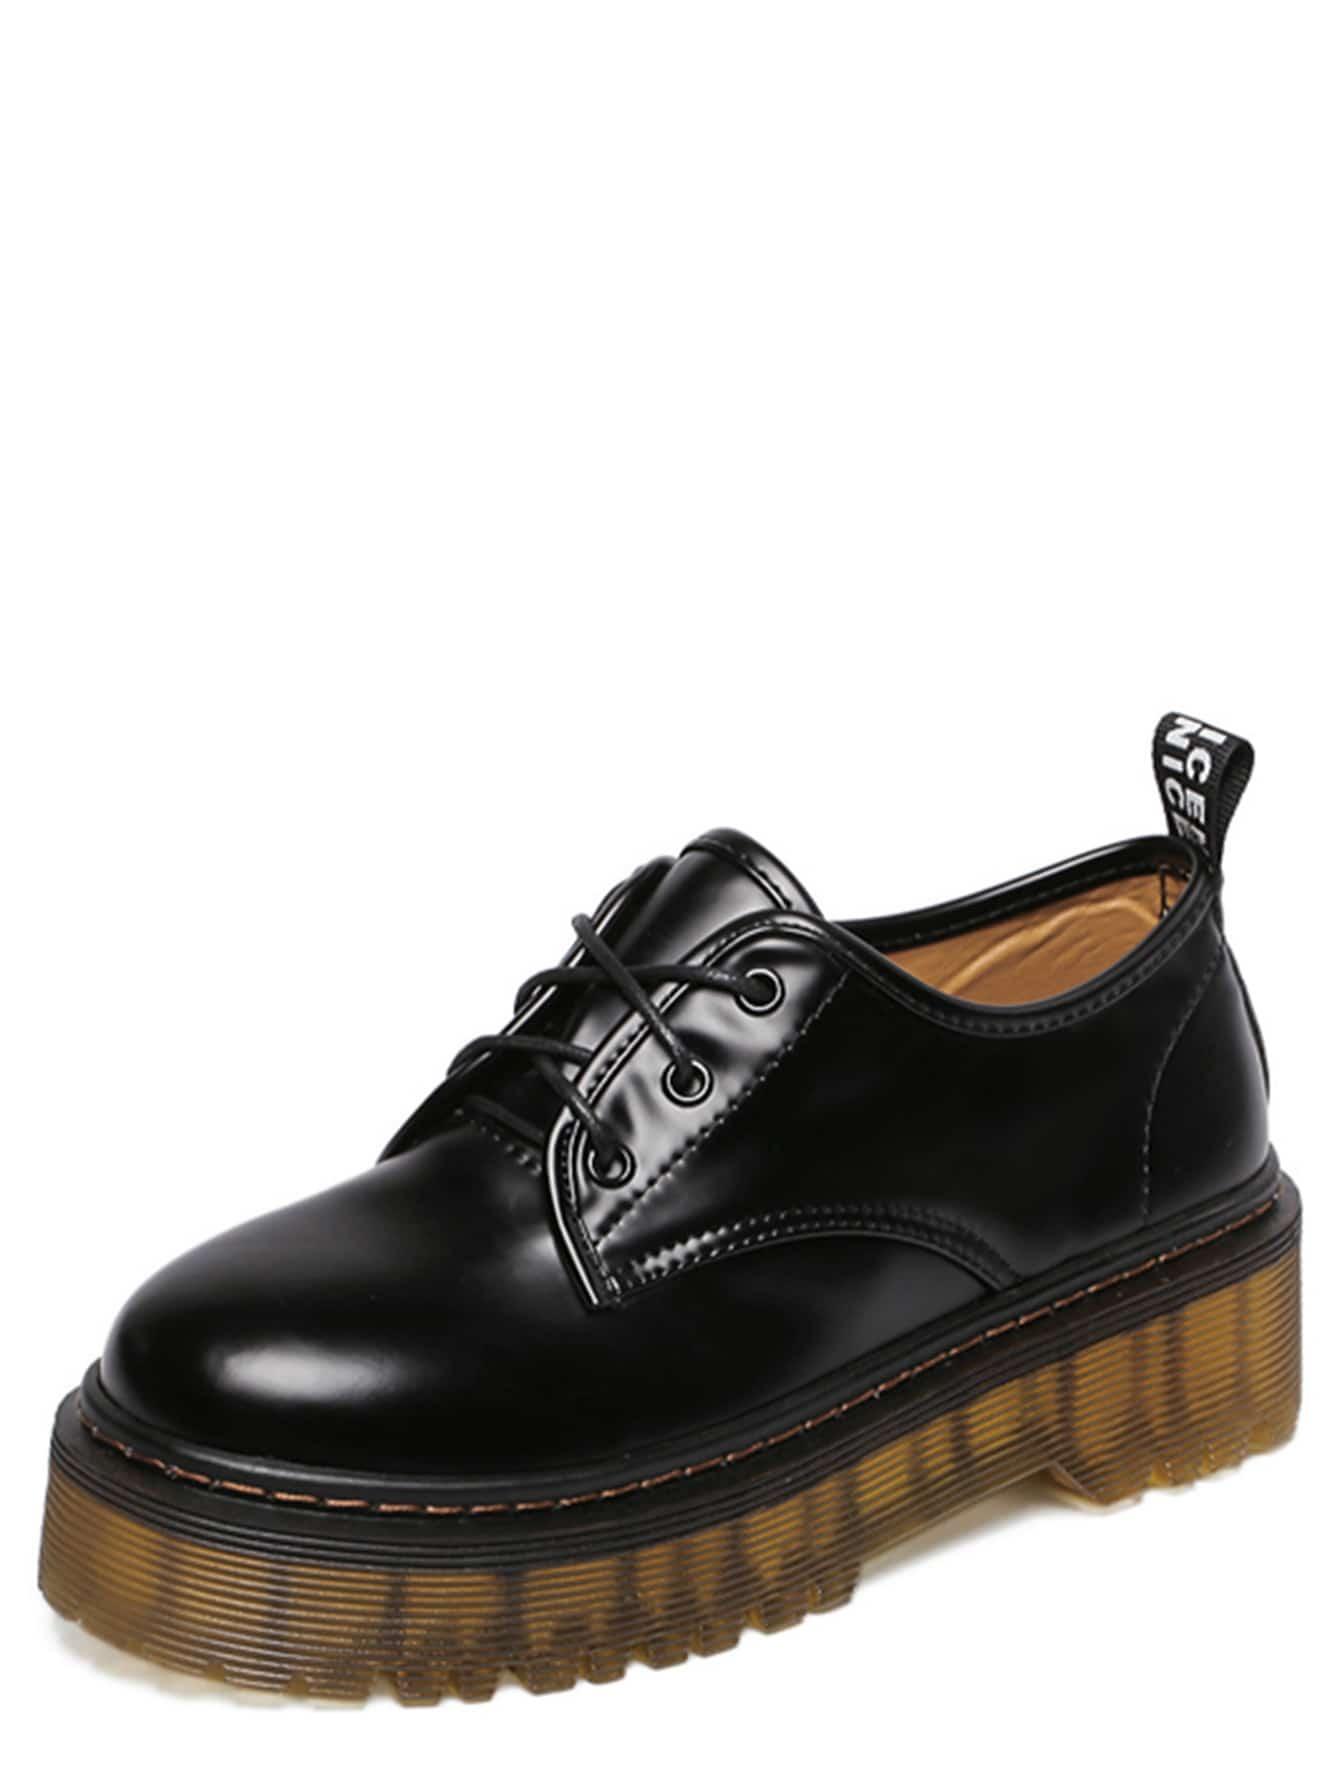 shoes160816808_2